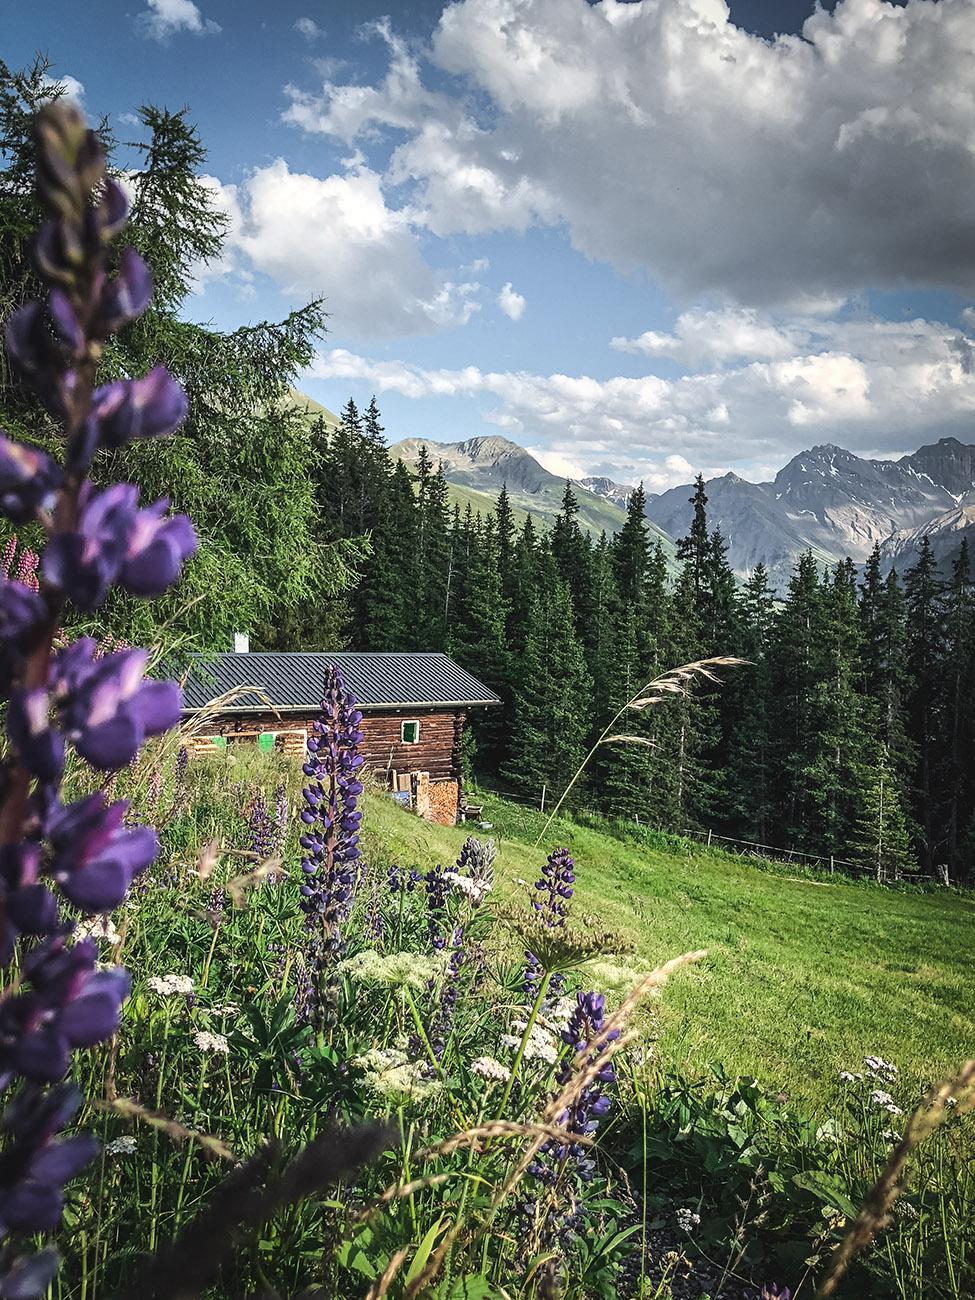 Wanderung zur Schaukäserei Clavadeler Alp - DAVOS